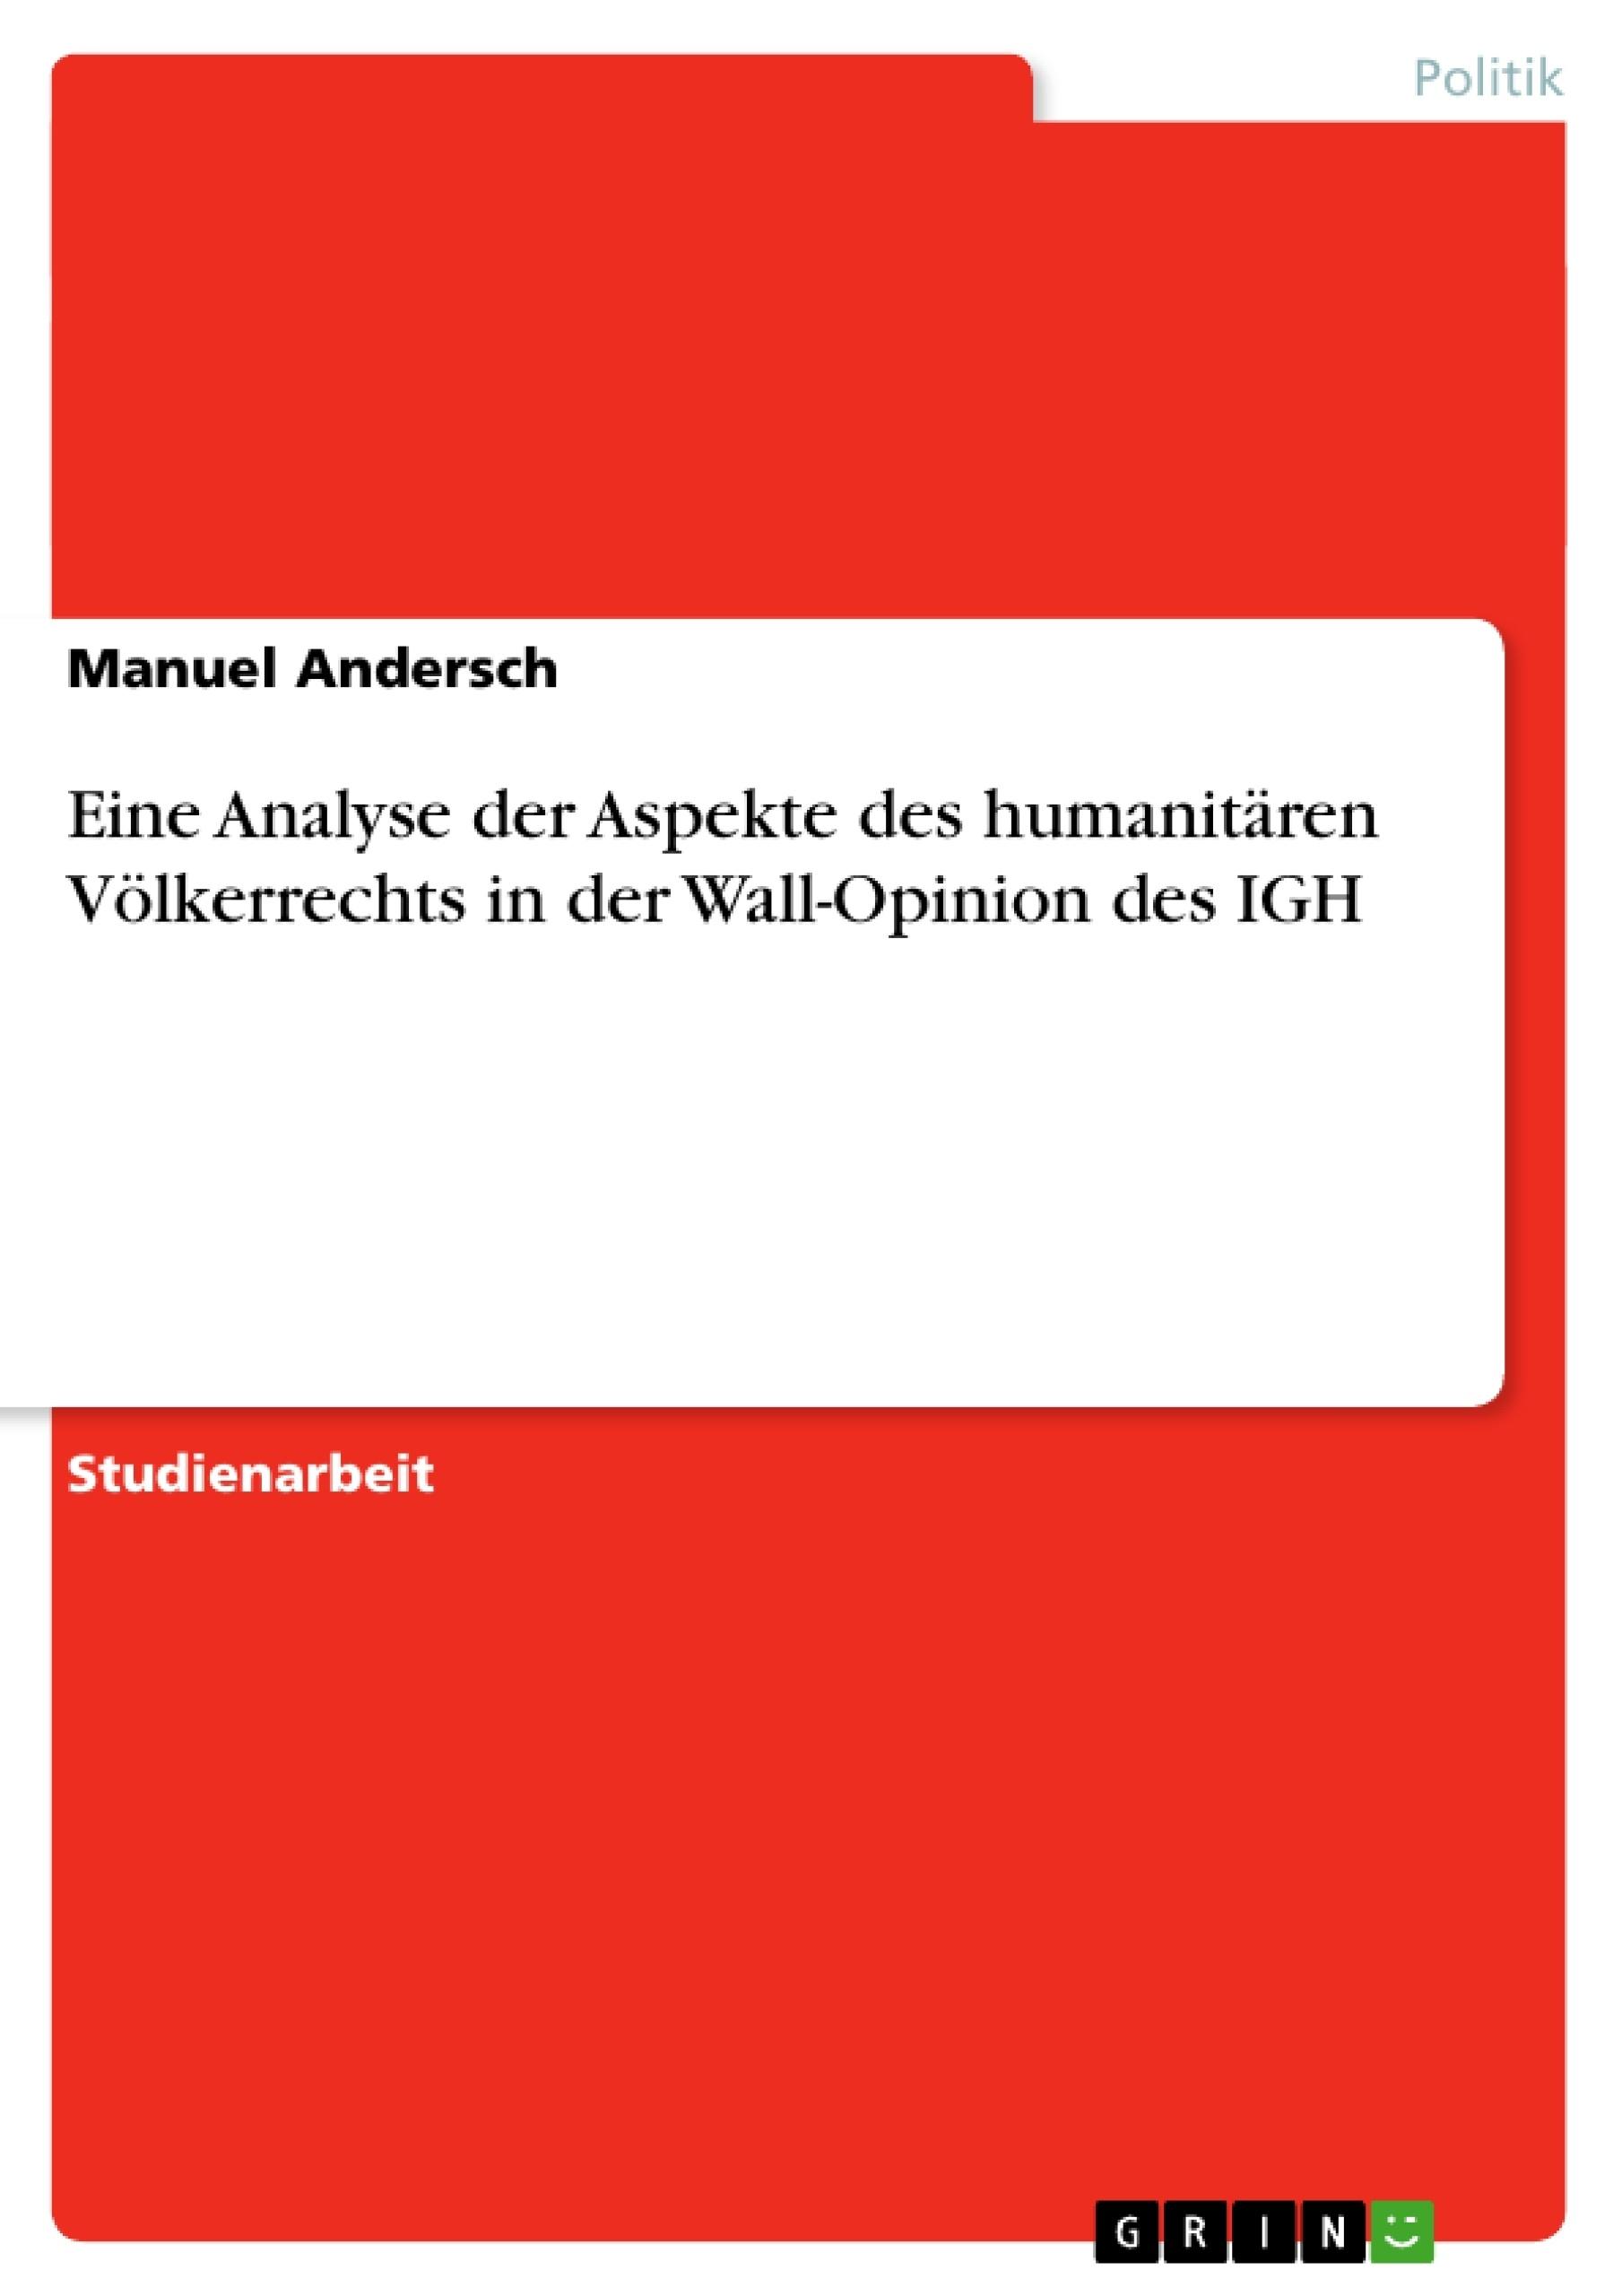 Titel: Eine Analyse der Aspekte des humanitären Völkerrechts in der Wall-Opinion des IGH